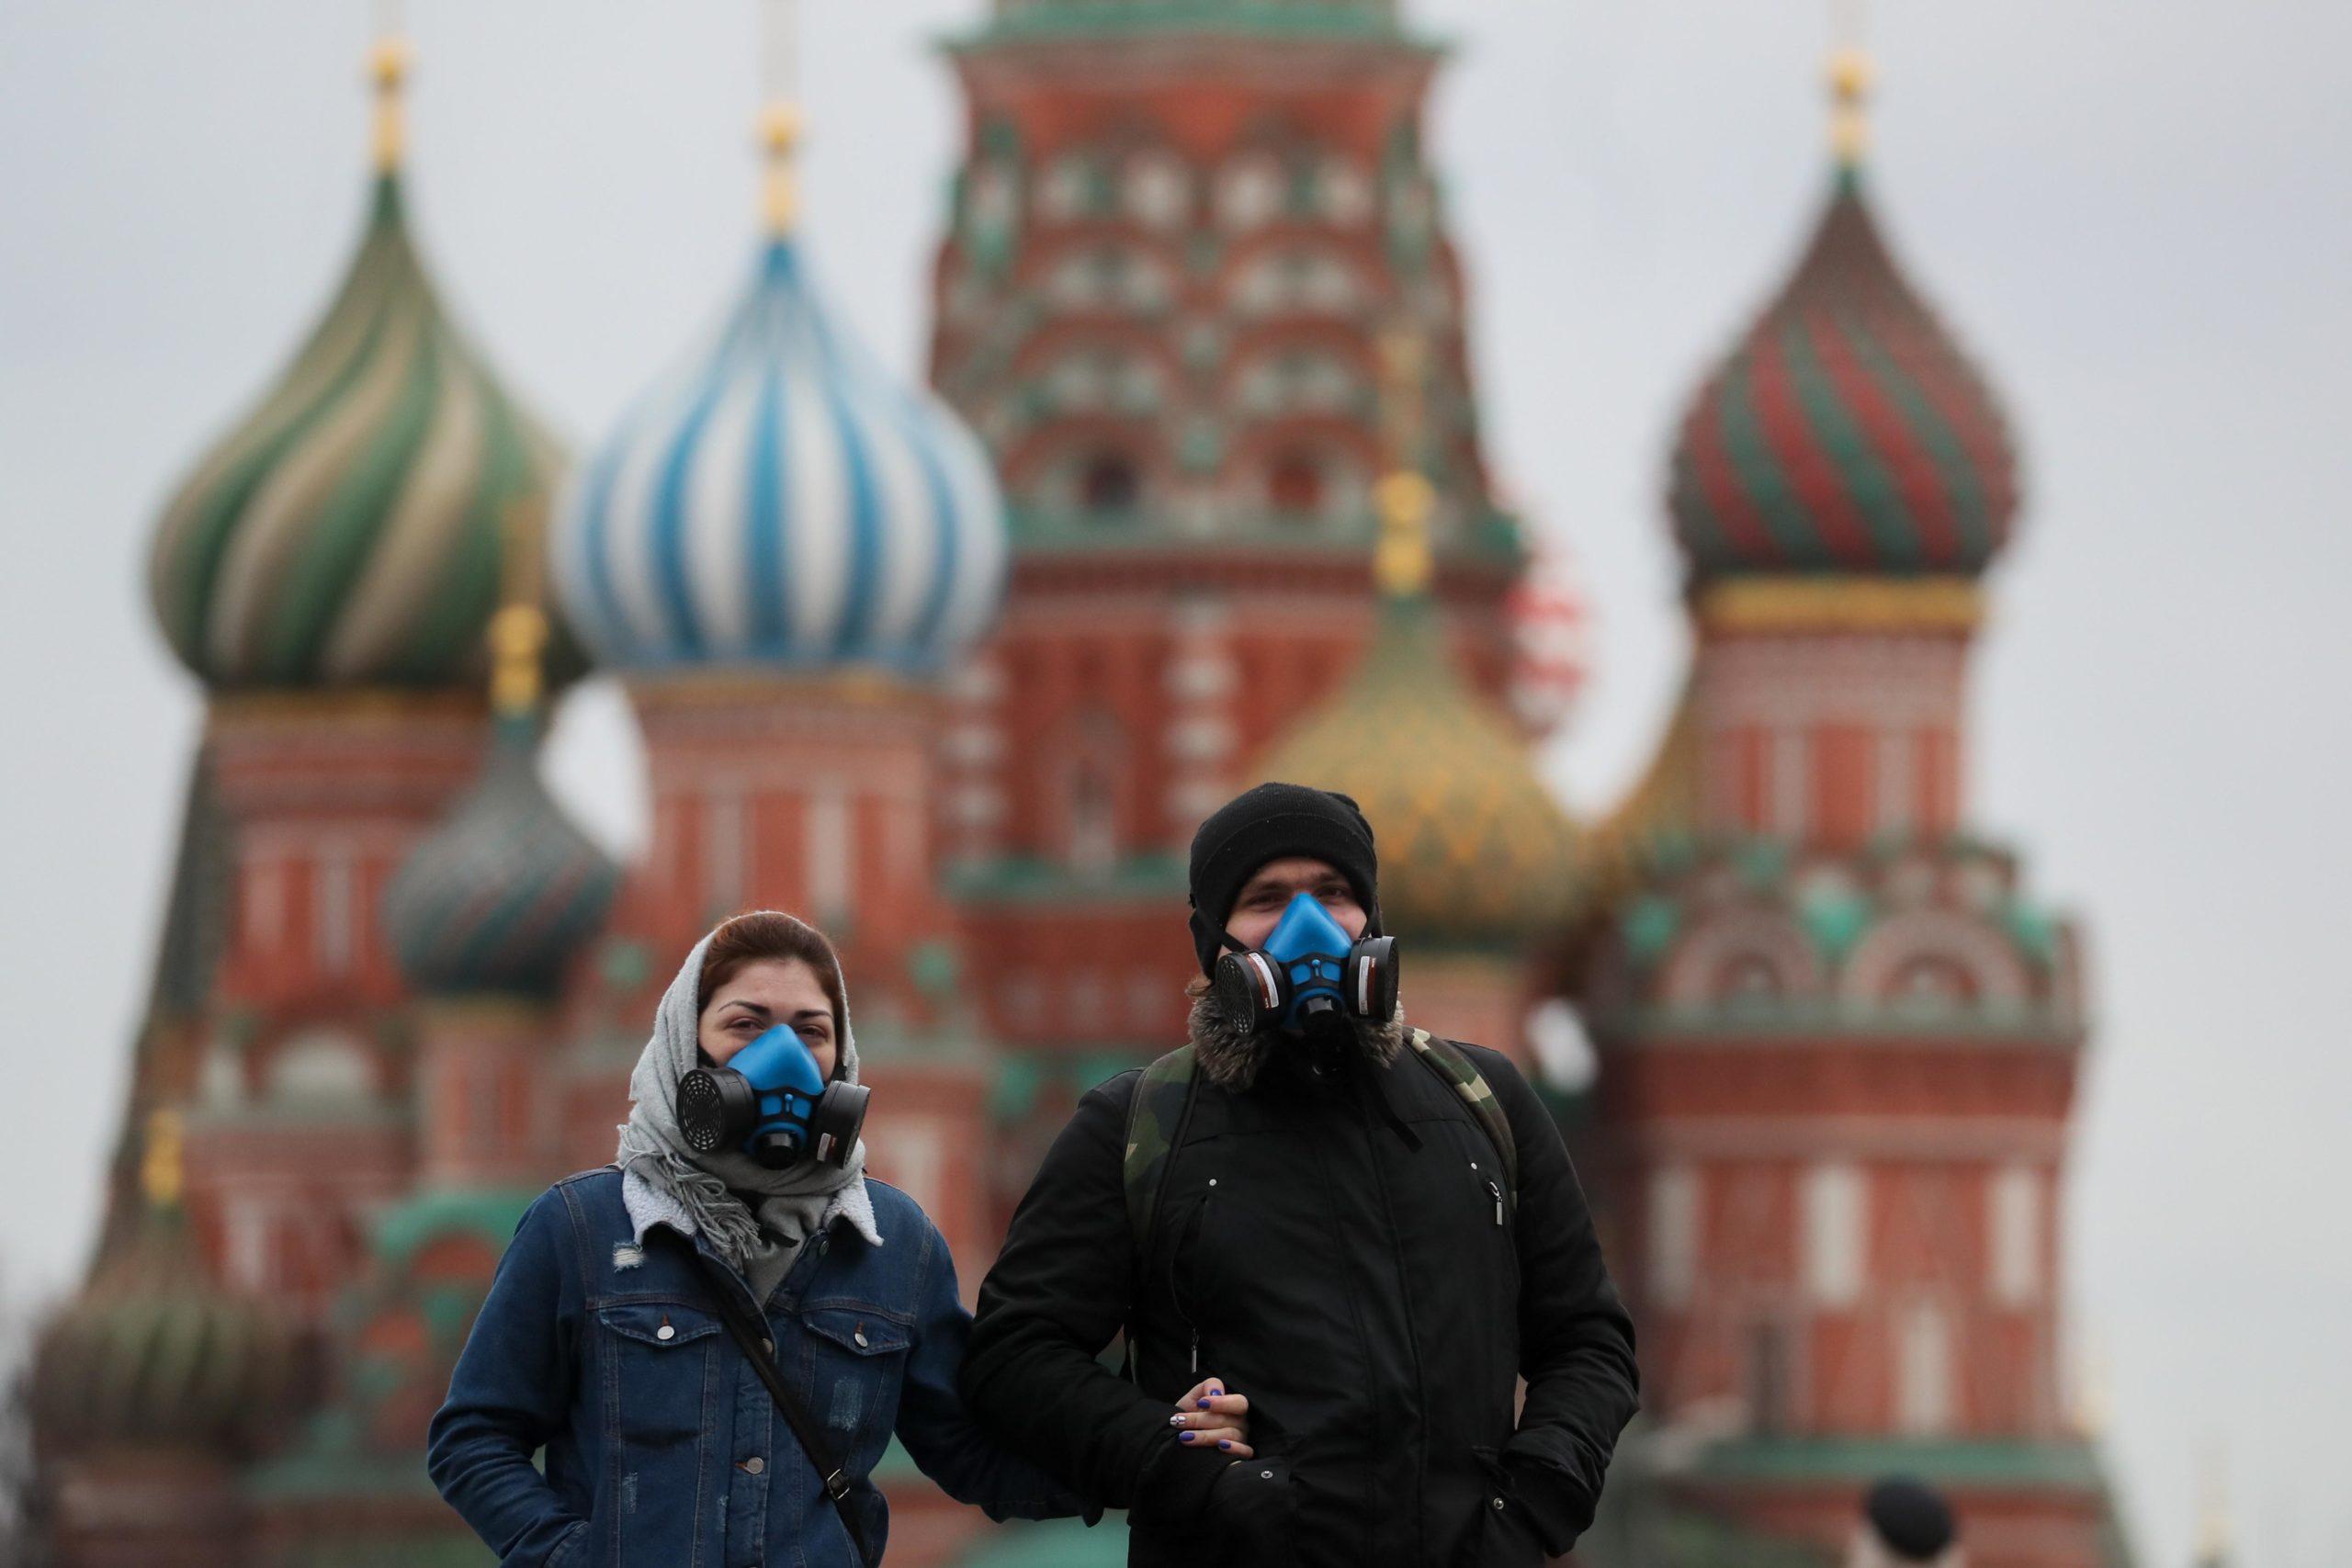 Коронавирус в России. Какие у нас преимущества, и что нас может ожидать?